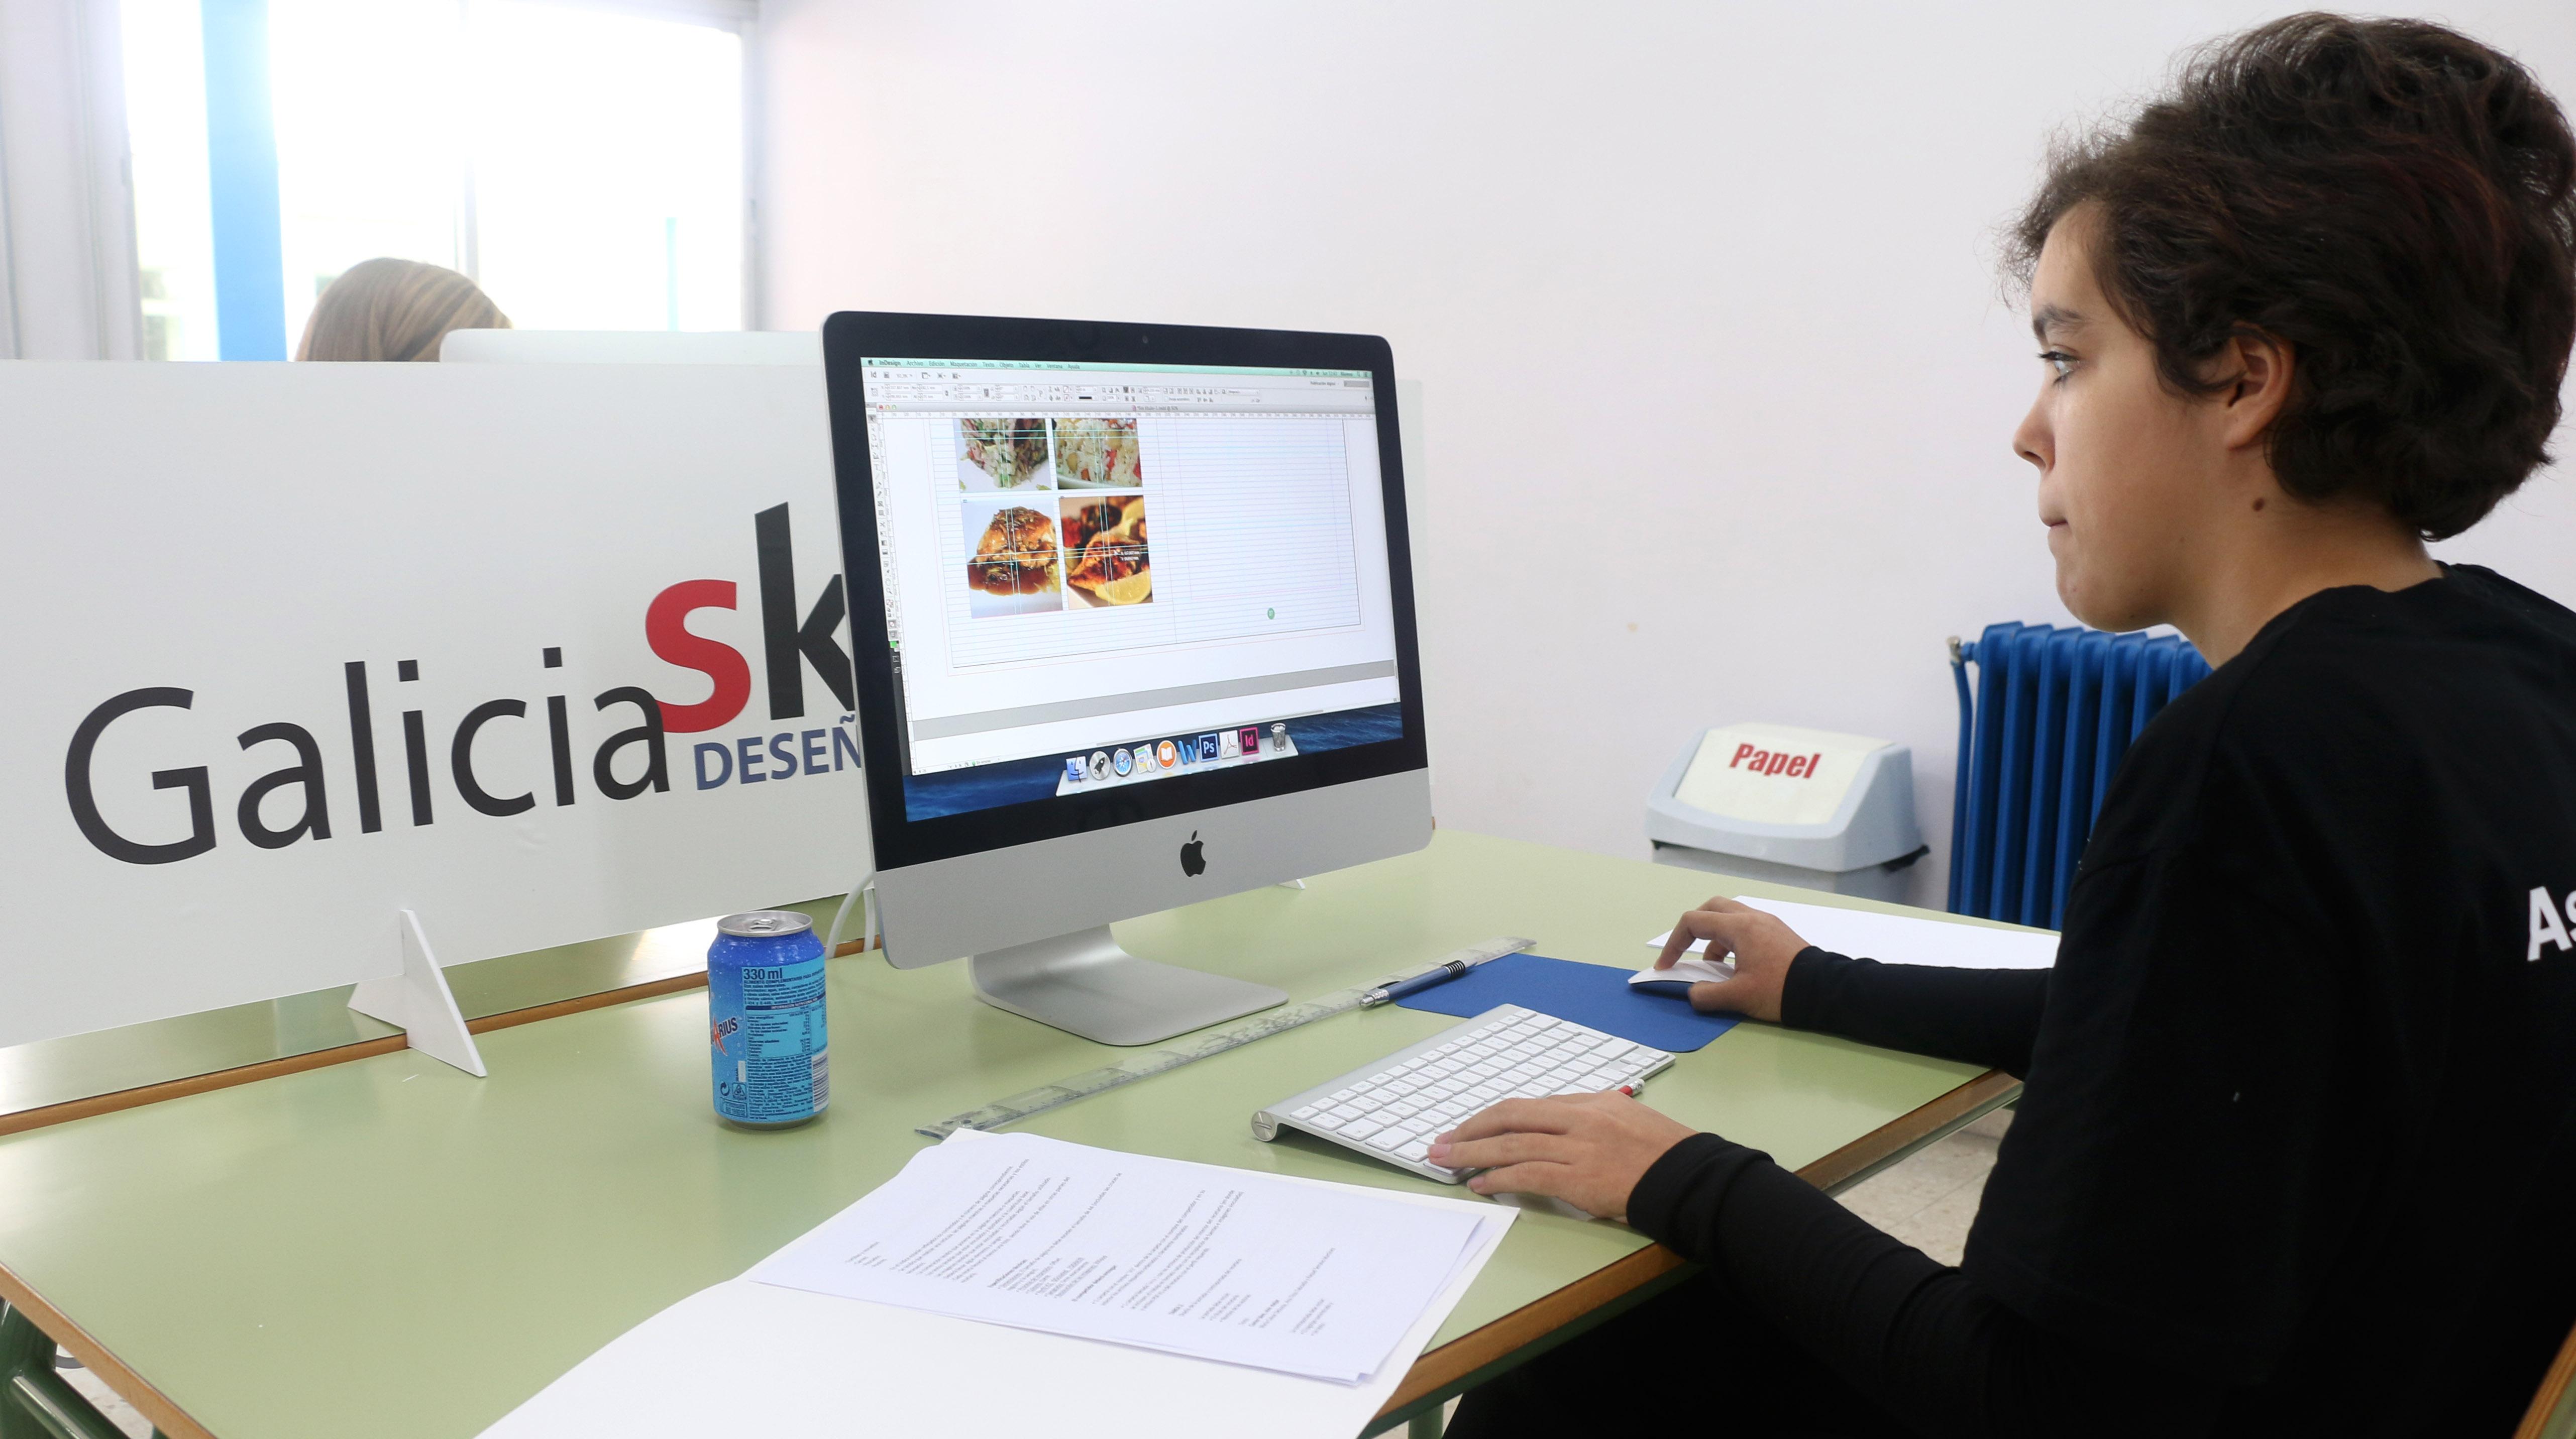 Skill dese o gr fico galiciaskills 2014 xunta de galicia for Oficina xunta de galicia